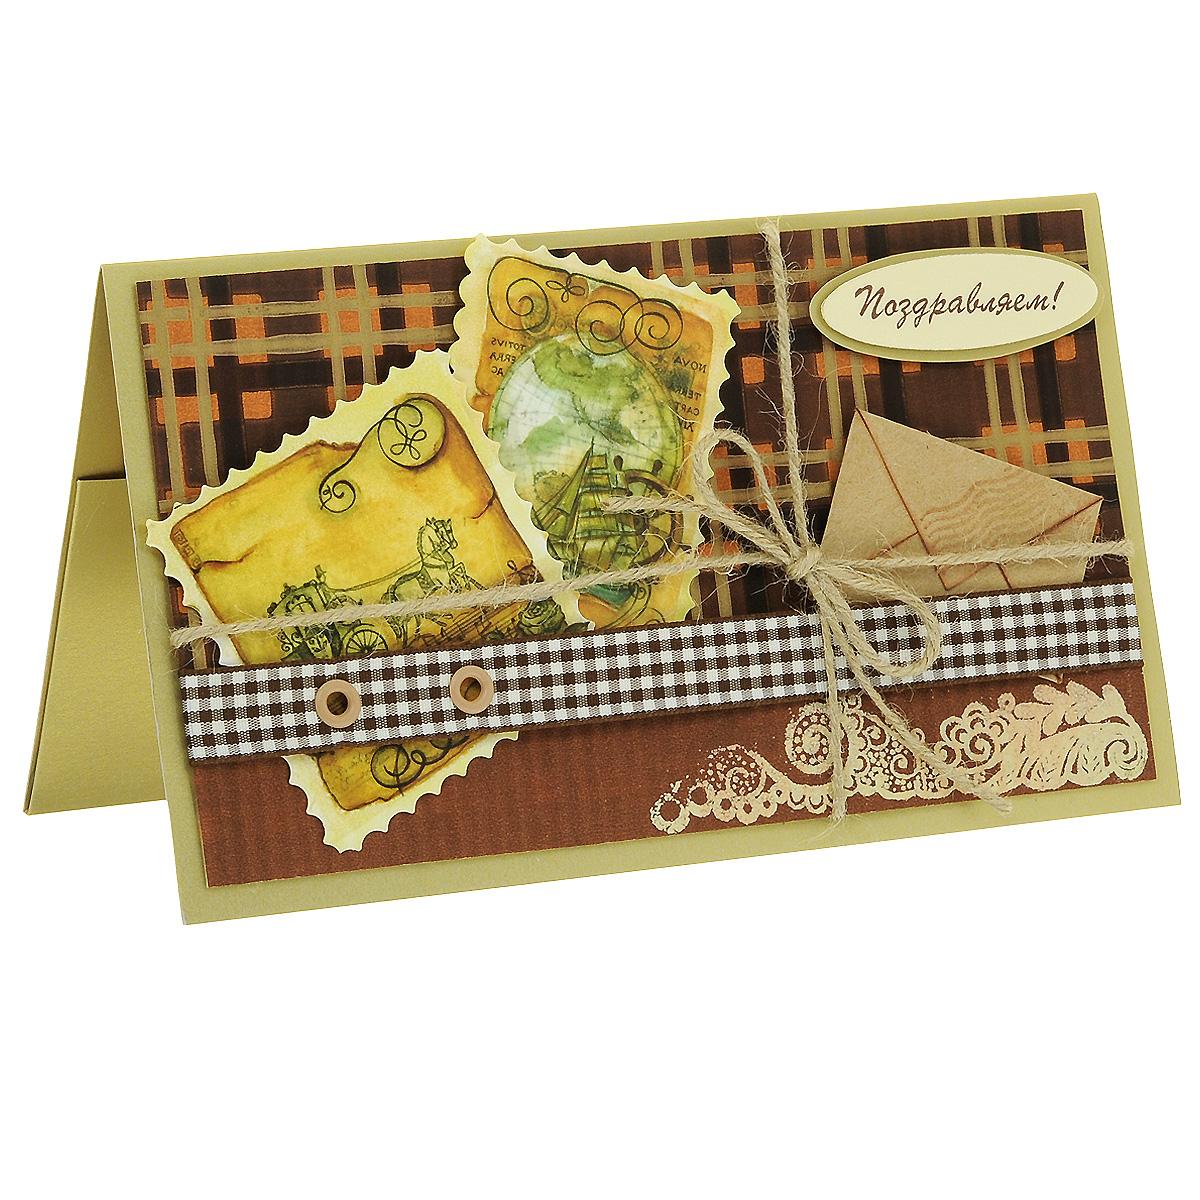 ОМ-0012 Открытка-конверт «Поздравляем!». Студия «Тётя Роза»38382Характеристики: Размер 19 см x 11 см.Материал: Высоко-художественный картон, бумага, декор. Данная открытка может стать как прекрасным дополнением к вашему подарку, так и самостоятельным подарком. Так как открытка является и конвертом, в который вы можете вложить ваш денежный подарок или просто написать ваши пожелания на вкладыше. Яркий поздравительный конверт в коричневой гамме несет в себе идею путешествия. В дизайне использованы разные виды бумаг, льняной шнур, тканая лента и металлические люверсы. Дополнительный элемент - ажурный вензель -выполнен в технике горячего термоподъема. Также открытка упакована в пакетик для сохранности.Обращаем Ваше внимание на то, что открытка может незначительно отличаться от представленной на фото.Открытки ручной работы от студии Тётя Роза отличаются своим неповторимым и ярким стилем. Каждая уникальна и выполнена вручную мастерами студии. (Открытка для мужчин, открытка для женщины, открытка на день рождения, открытка с днем свадьбы, открытка винтаж, открытка с юбилеем, открытка на все случаи, скрапбукинг)